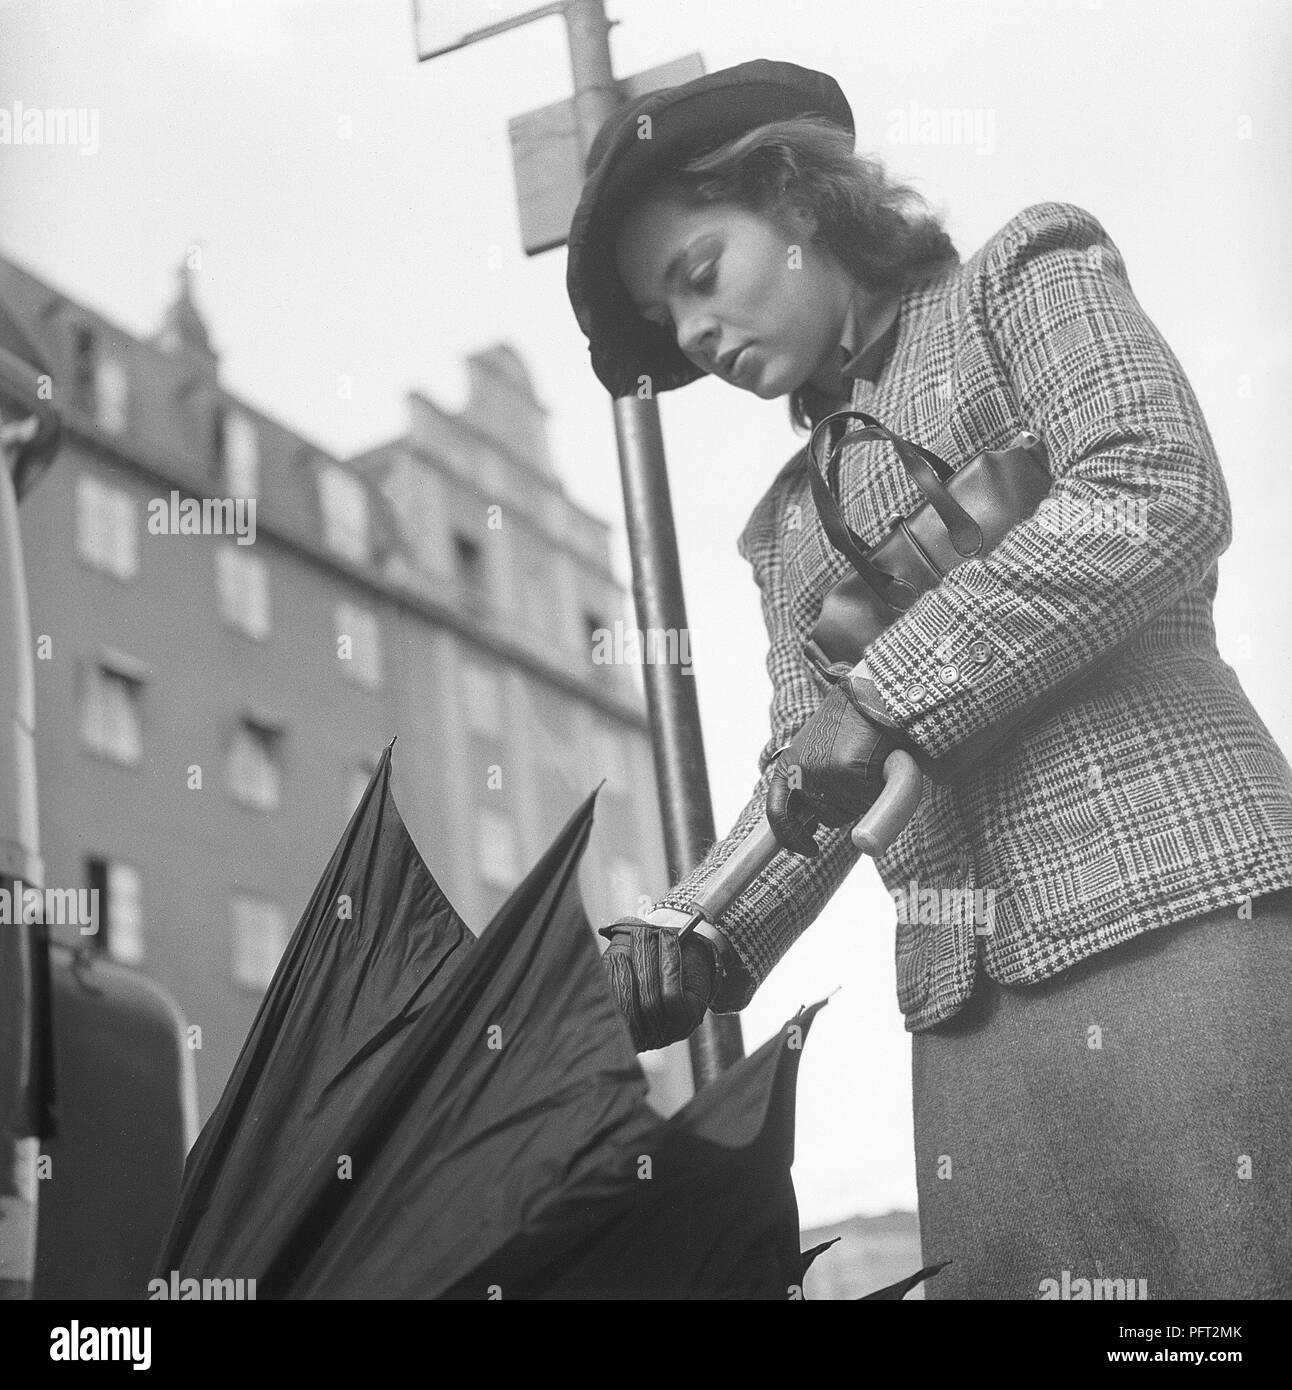 1940 s Frau in Regenmantel. Schauspielerin Viveca Lindfors, 1920-1995, ist das Warten an einer Bushaltestelle und verschränkt die Dach zusammen, wenn es sich nähert. Sie ist in den 1940er Jahren kurze karierte Jacke und Rock gekleidet, passendem Hut, Tasche und Handschuhe. August 1940. Foto Kristoffersson 159-20 Stockbild